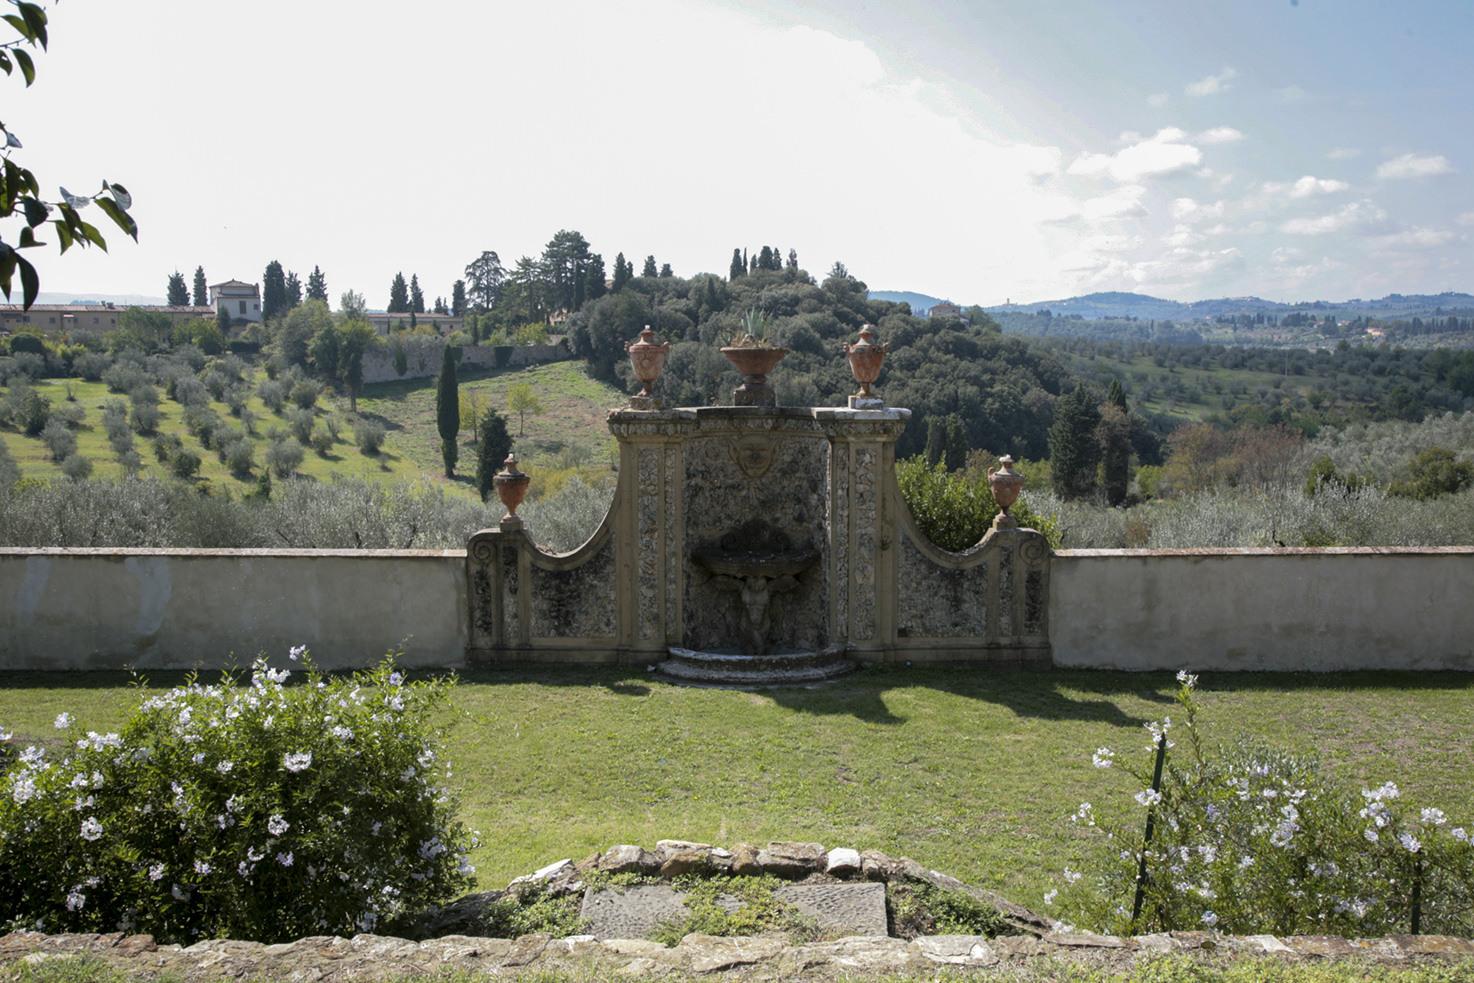 Gardens of Villa Medicea di Lilliano